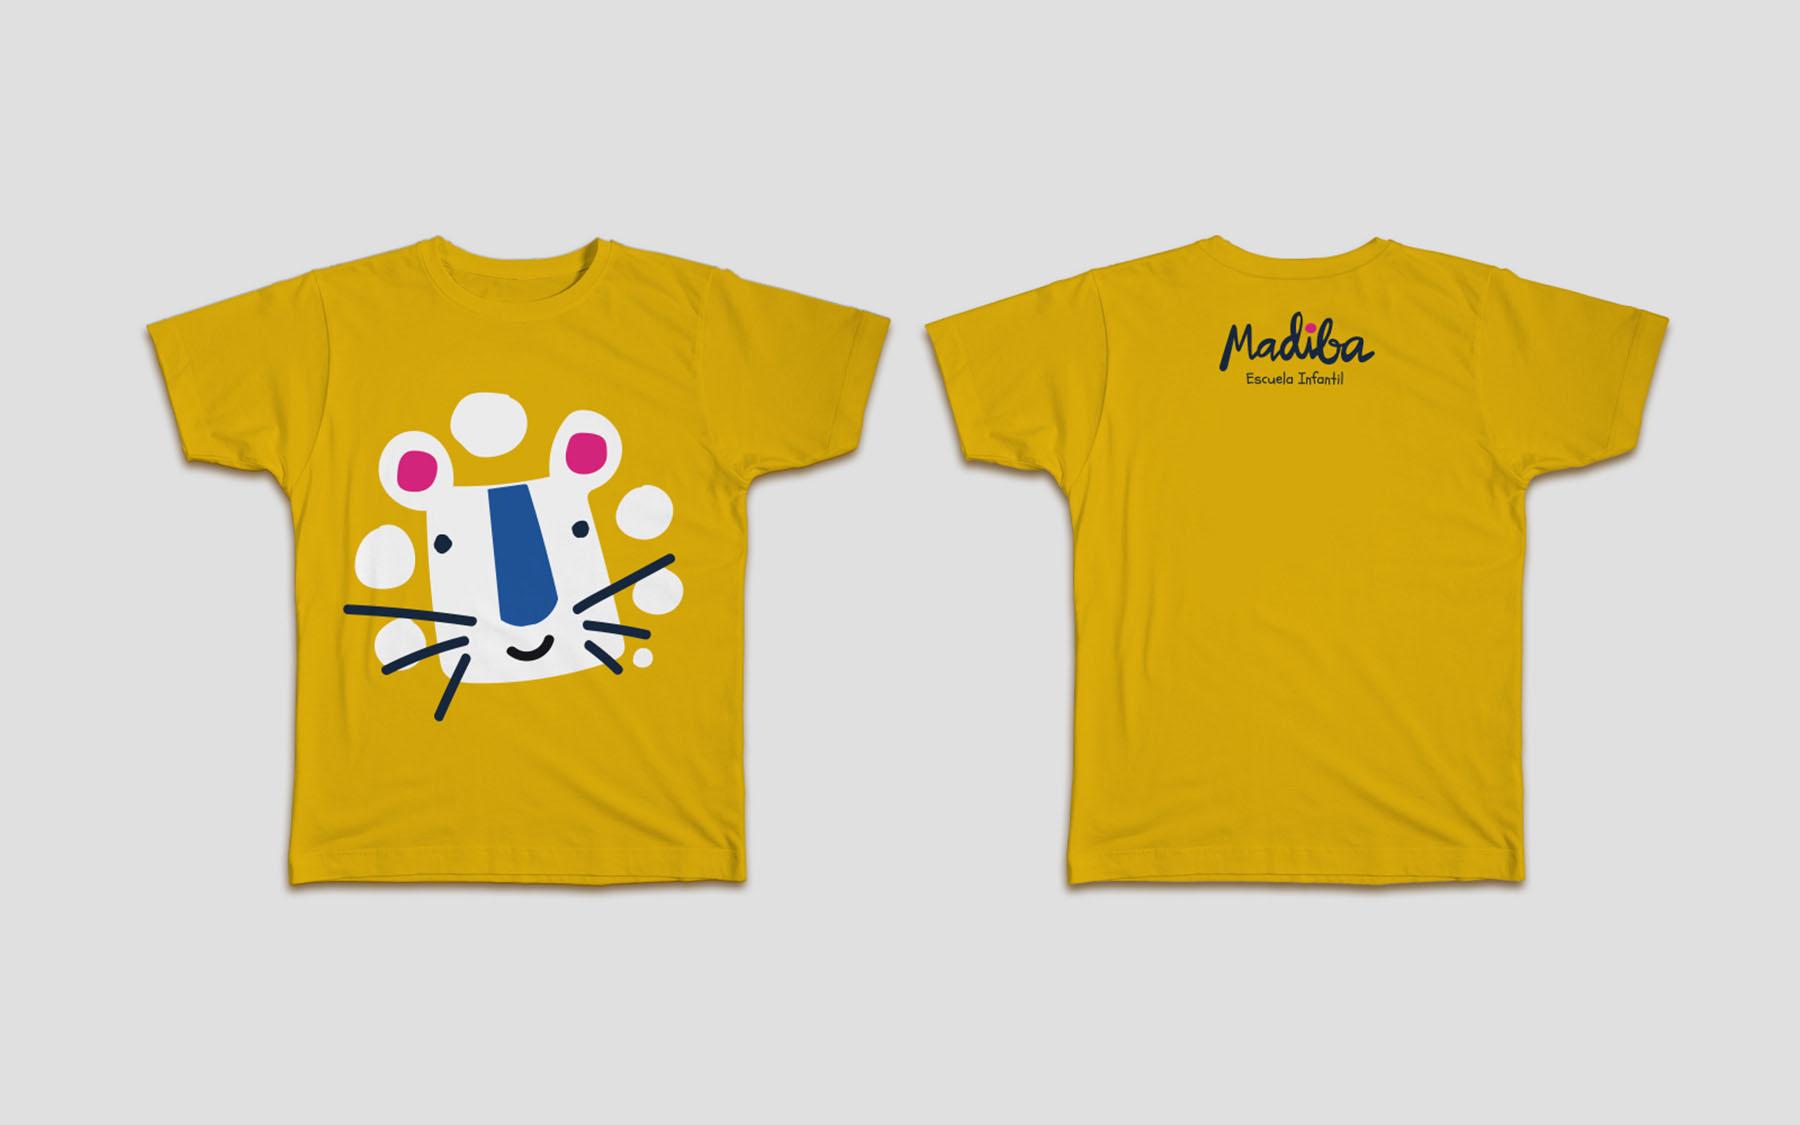 Madiba_07